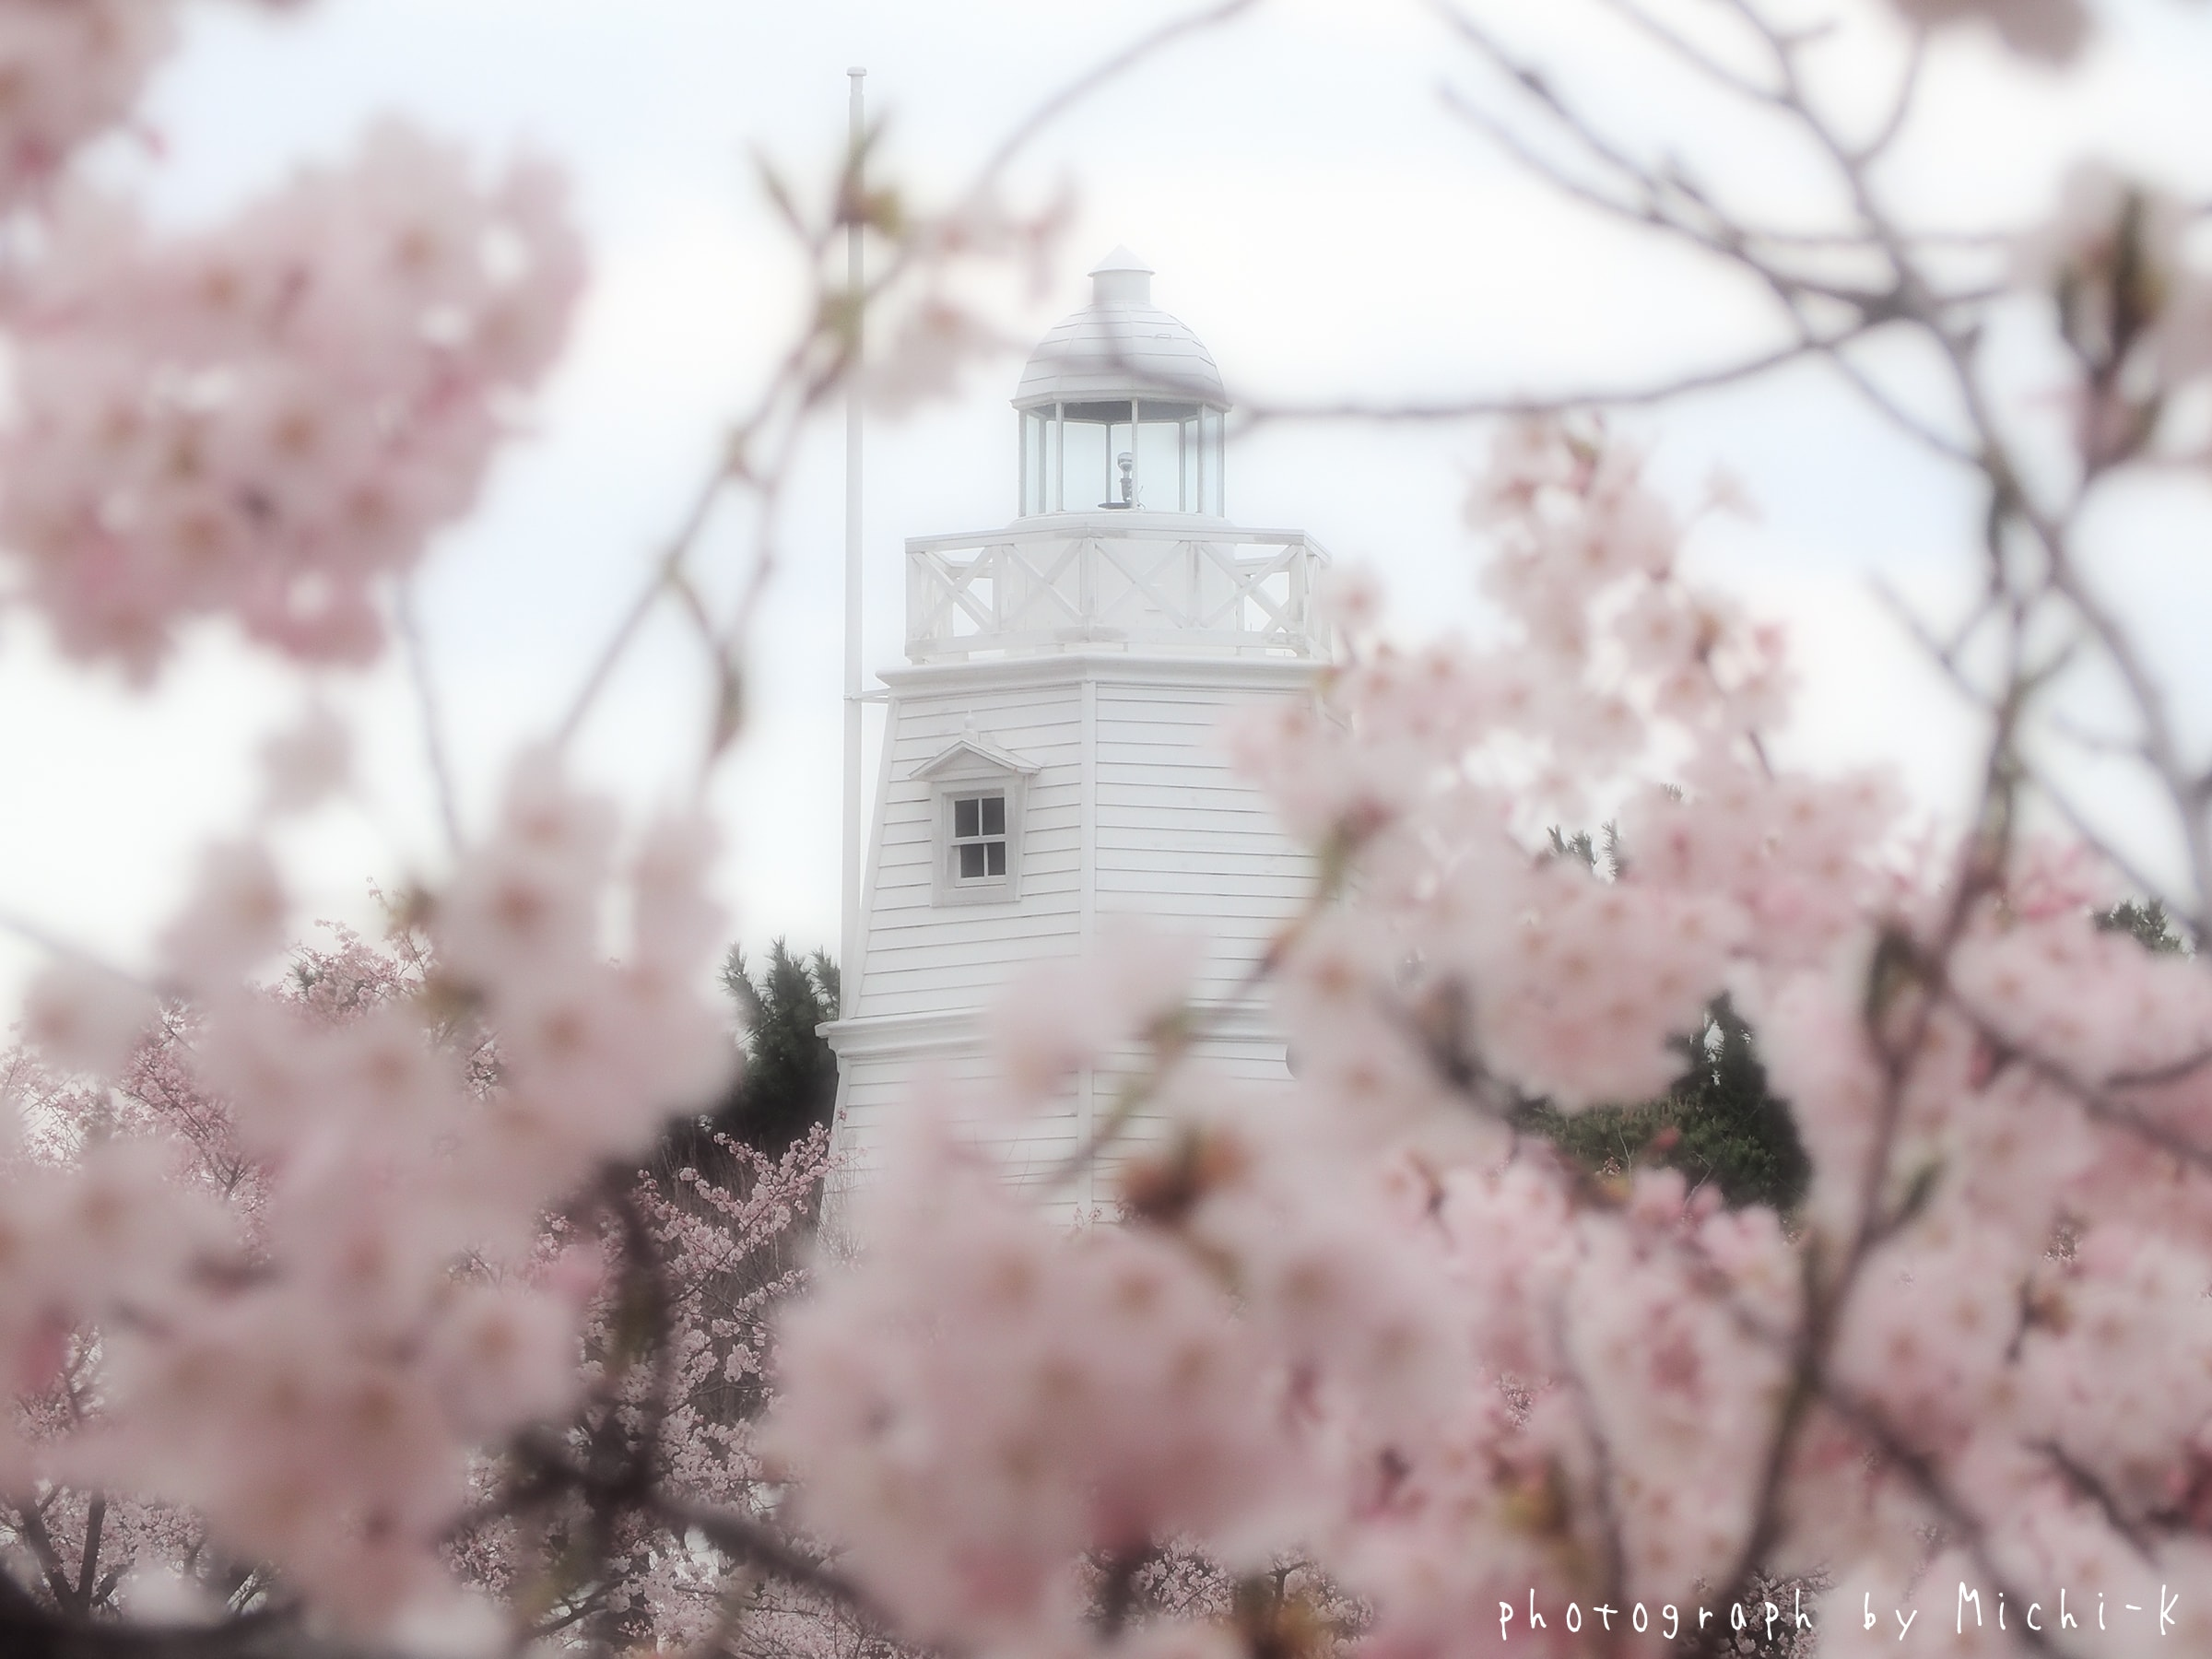 酒田市日和山公園、桜と灯台-2017/4/16 No.6